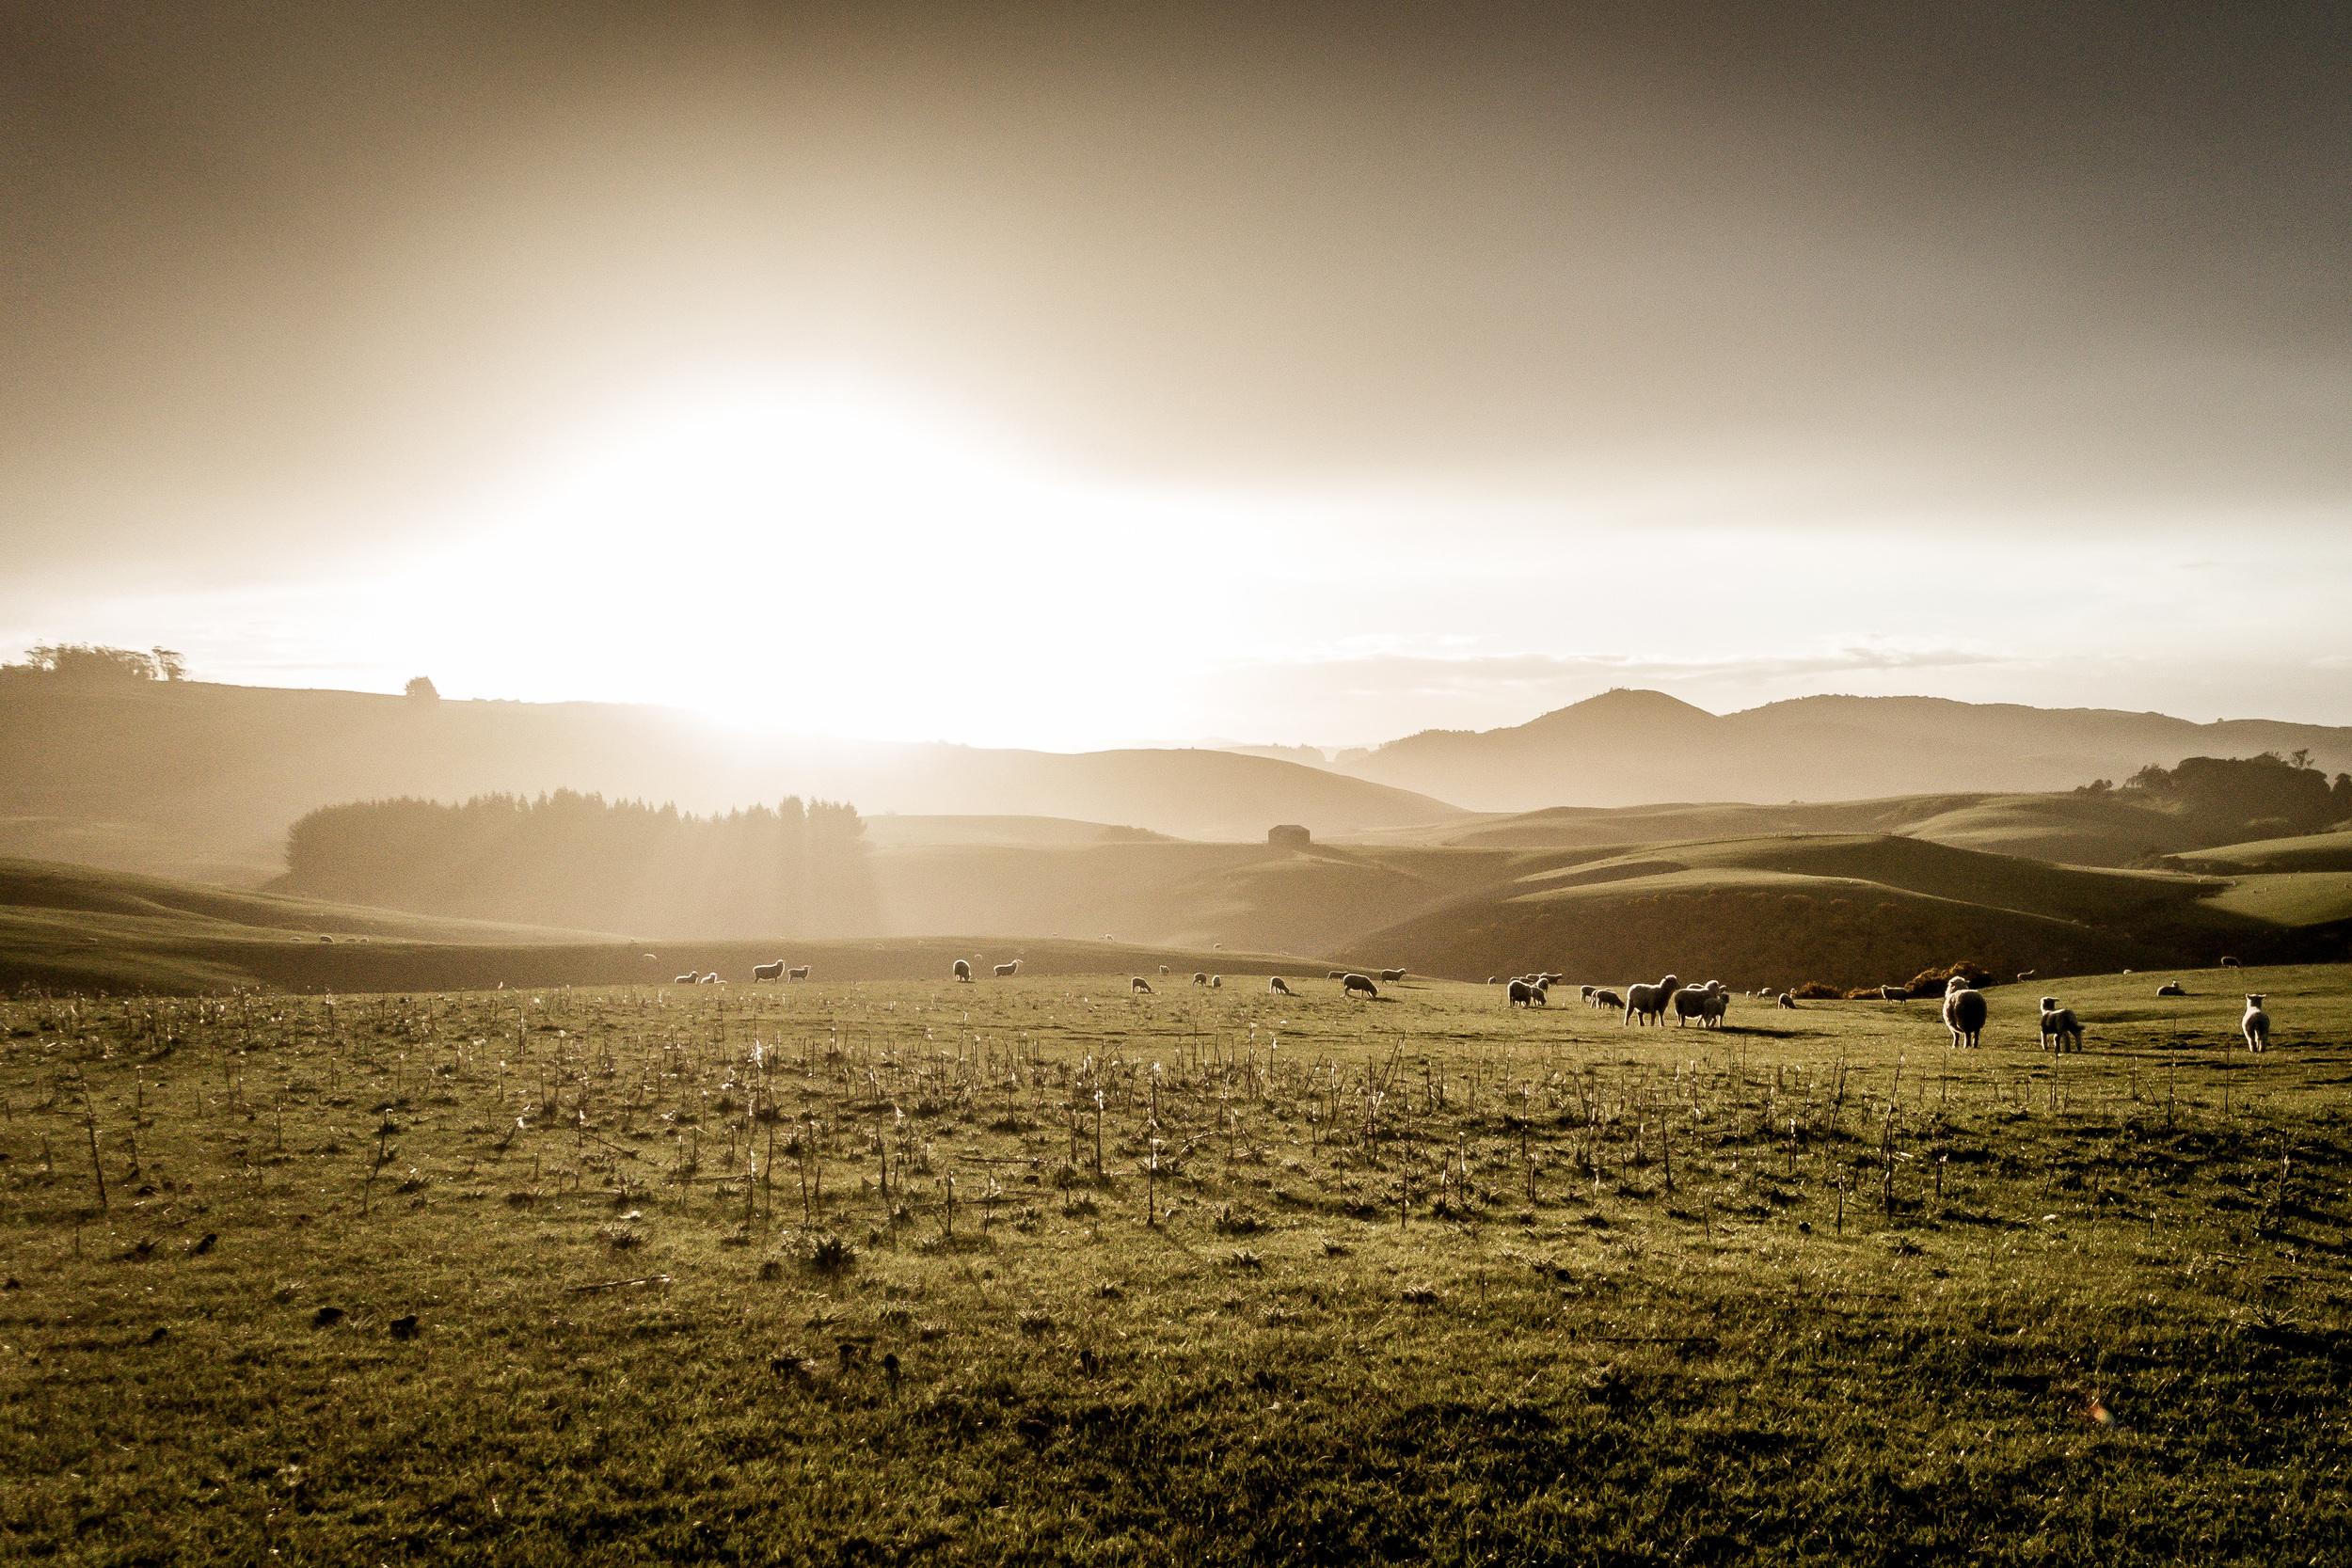 NEW ZEALAND - KAKA POINT FARMSTAY